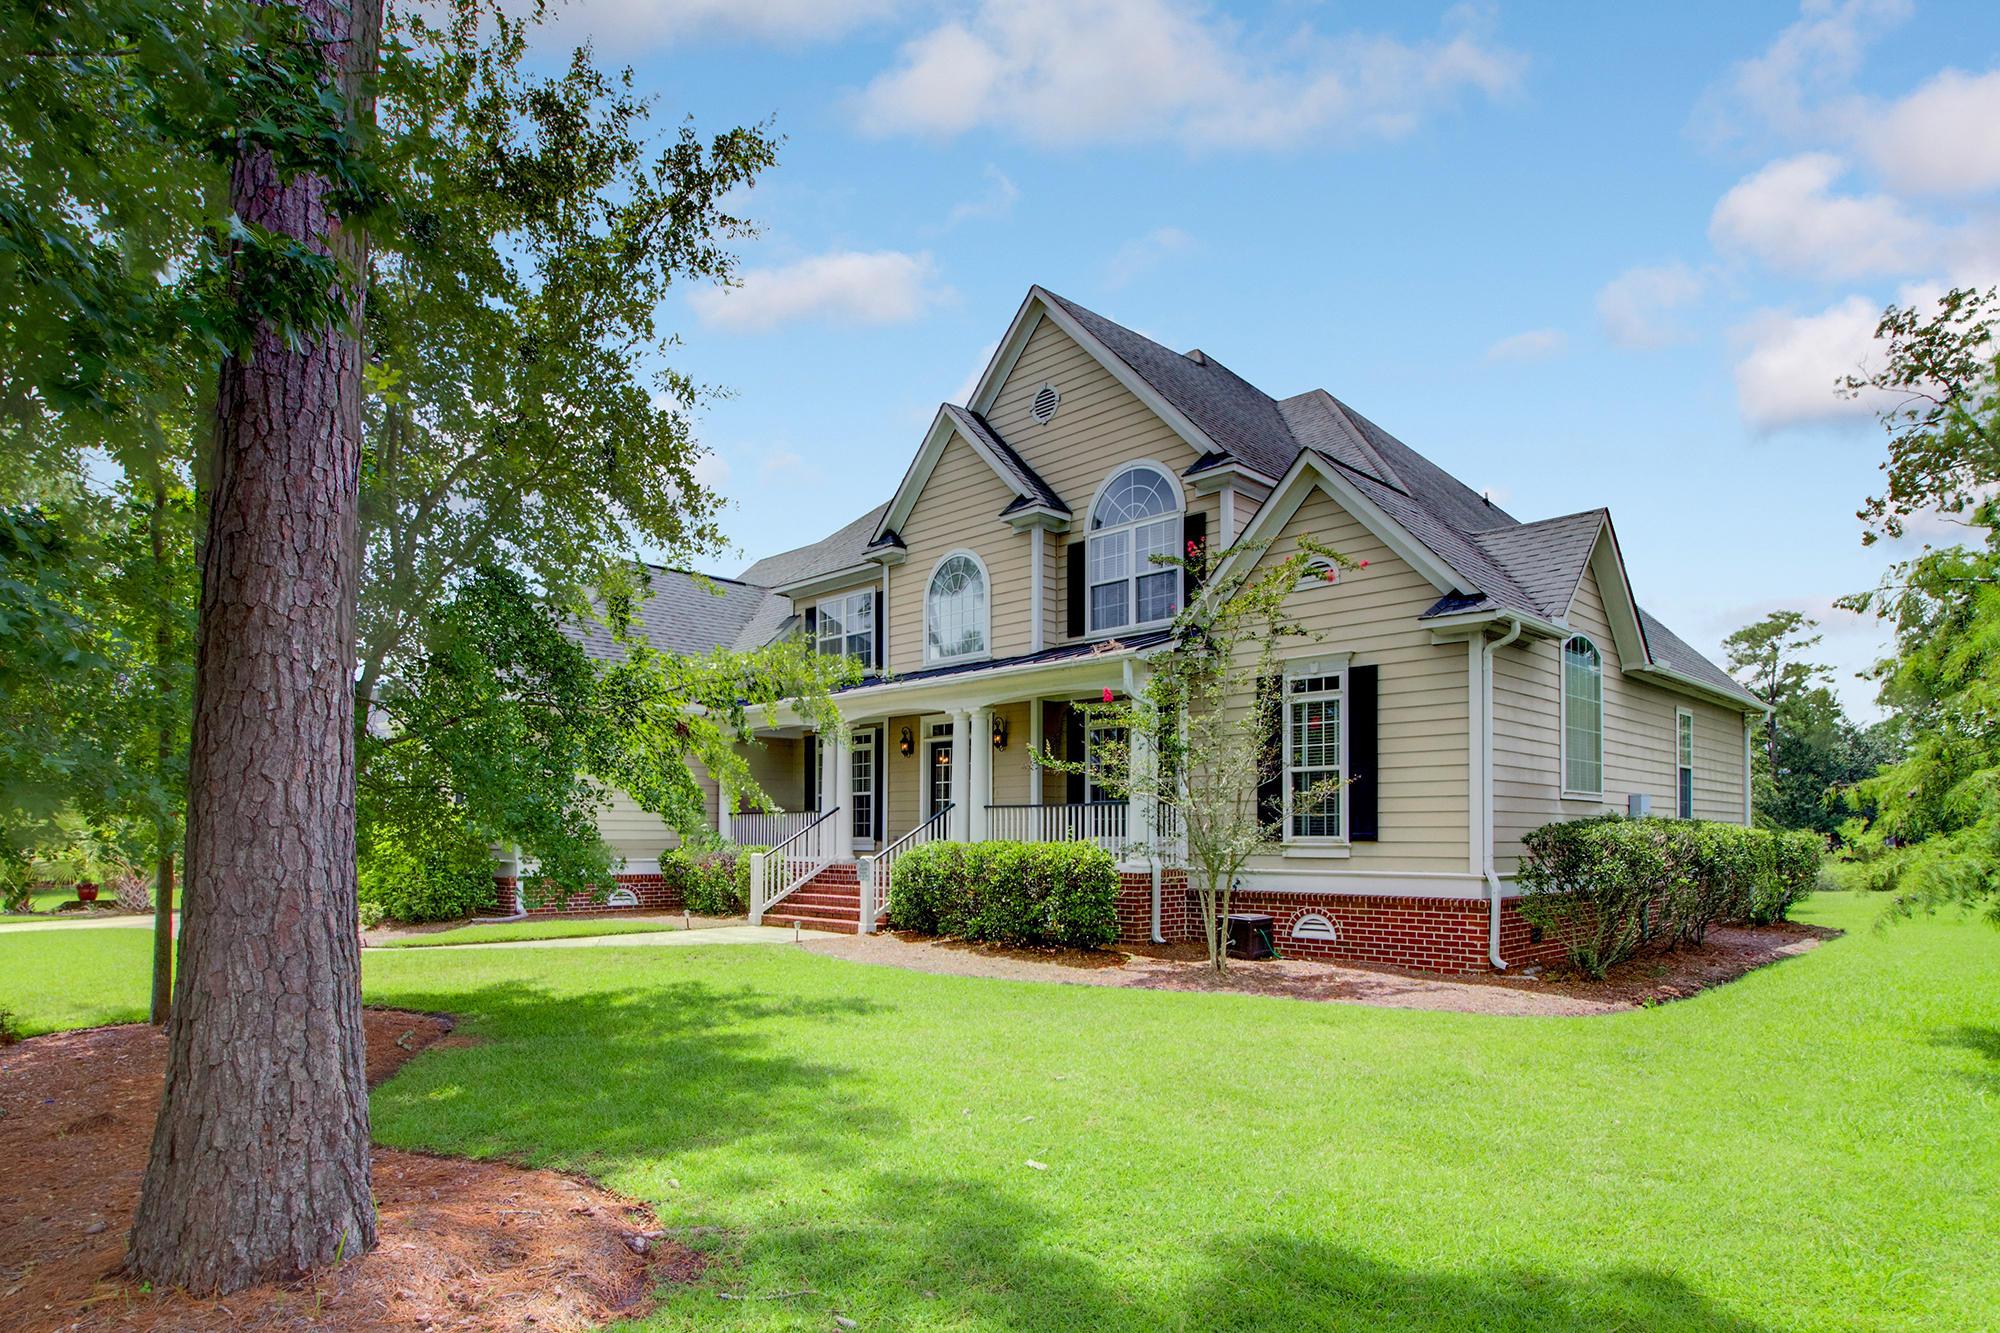 Dunes West Homes For Sale - 2817 Oak Manor, Mount Pleasant, SC - 10